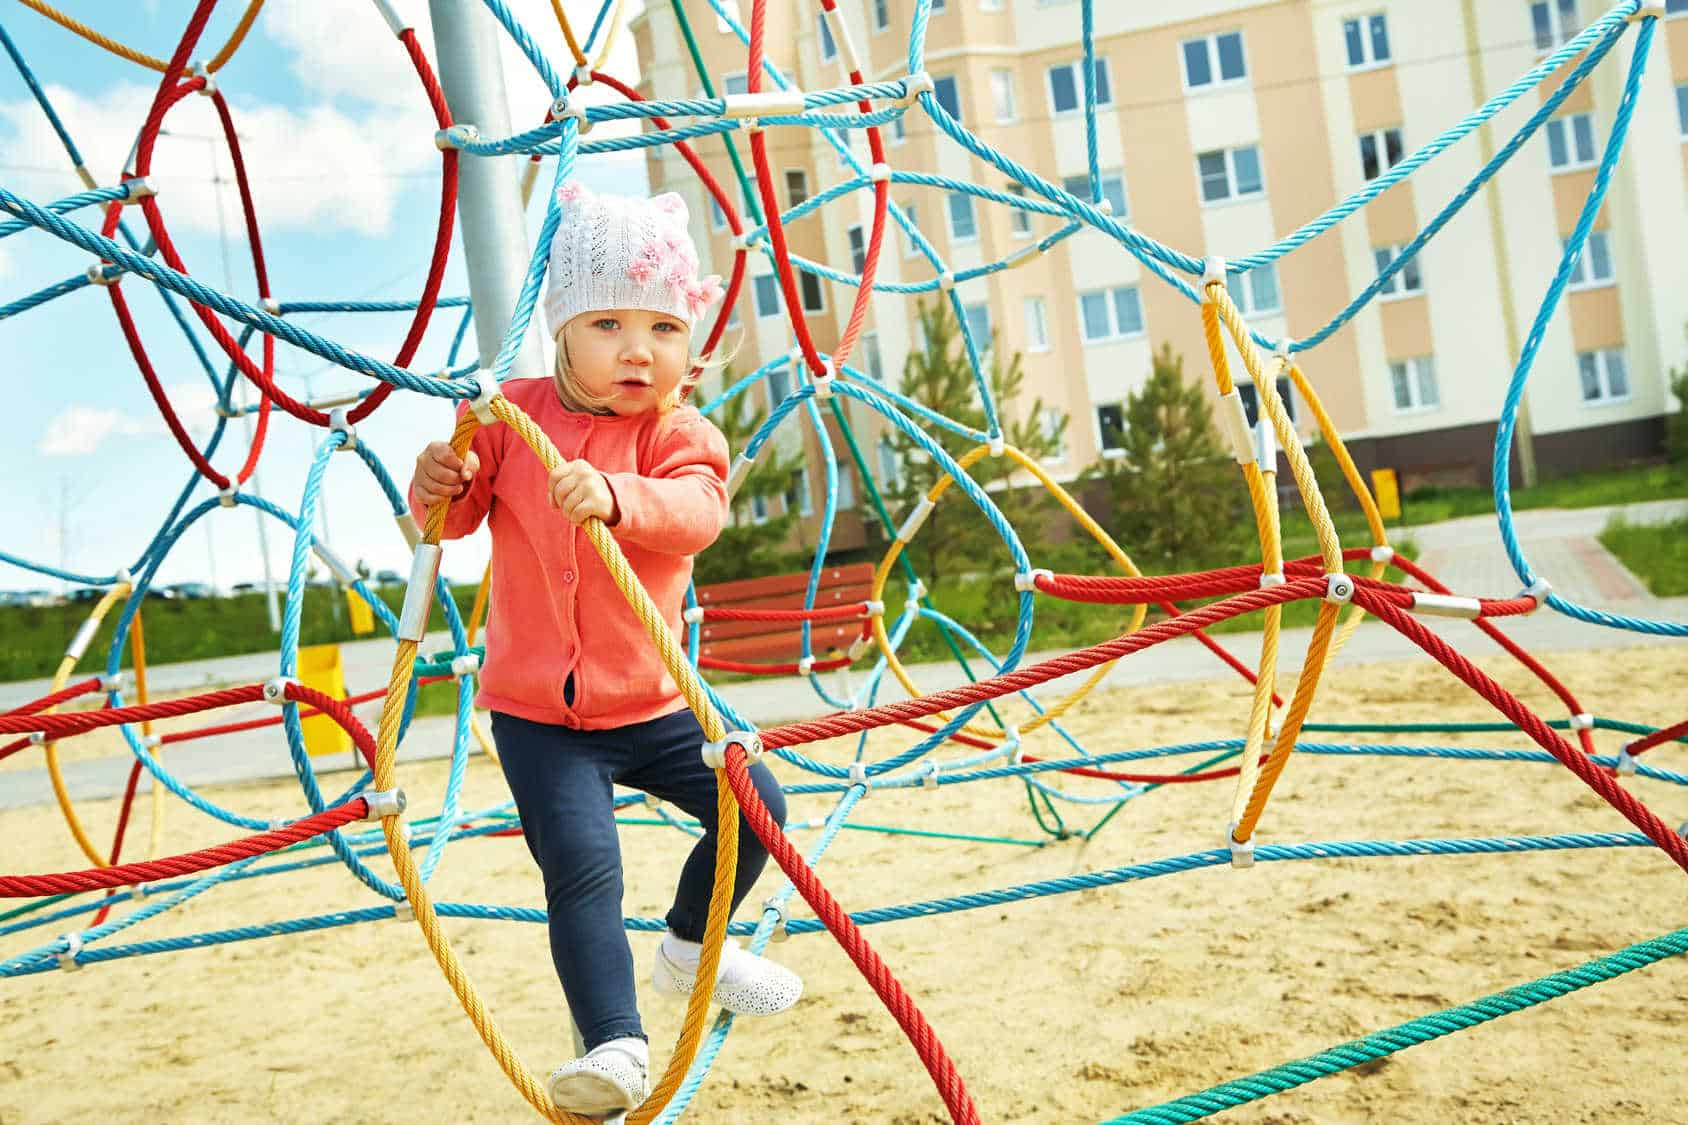 Dziewczynka wspina się na placu zabaw.